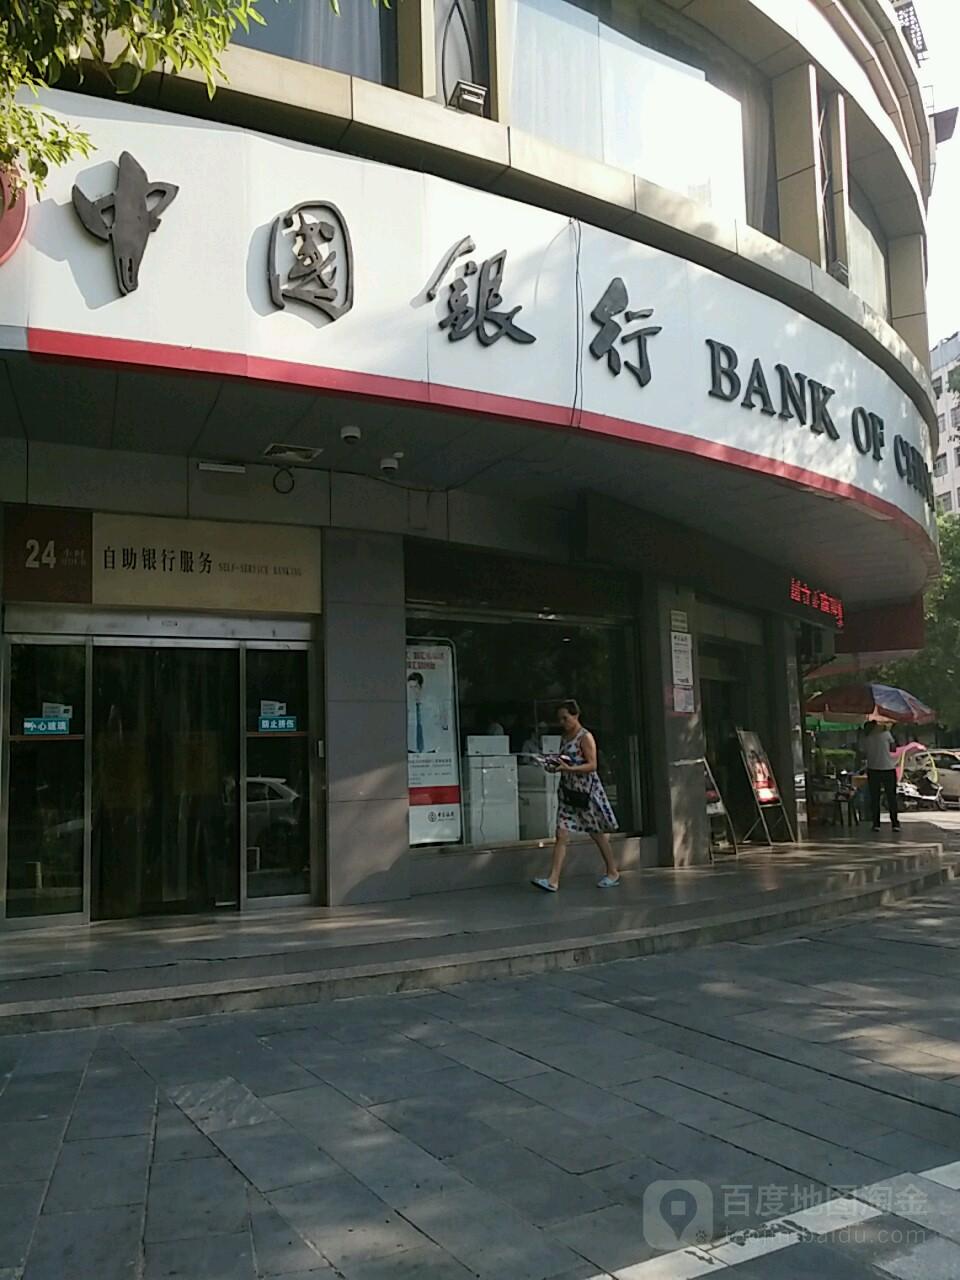 阳路支行_中国银行(衡阳市蒸阳北路支行)